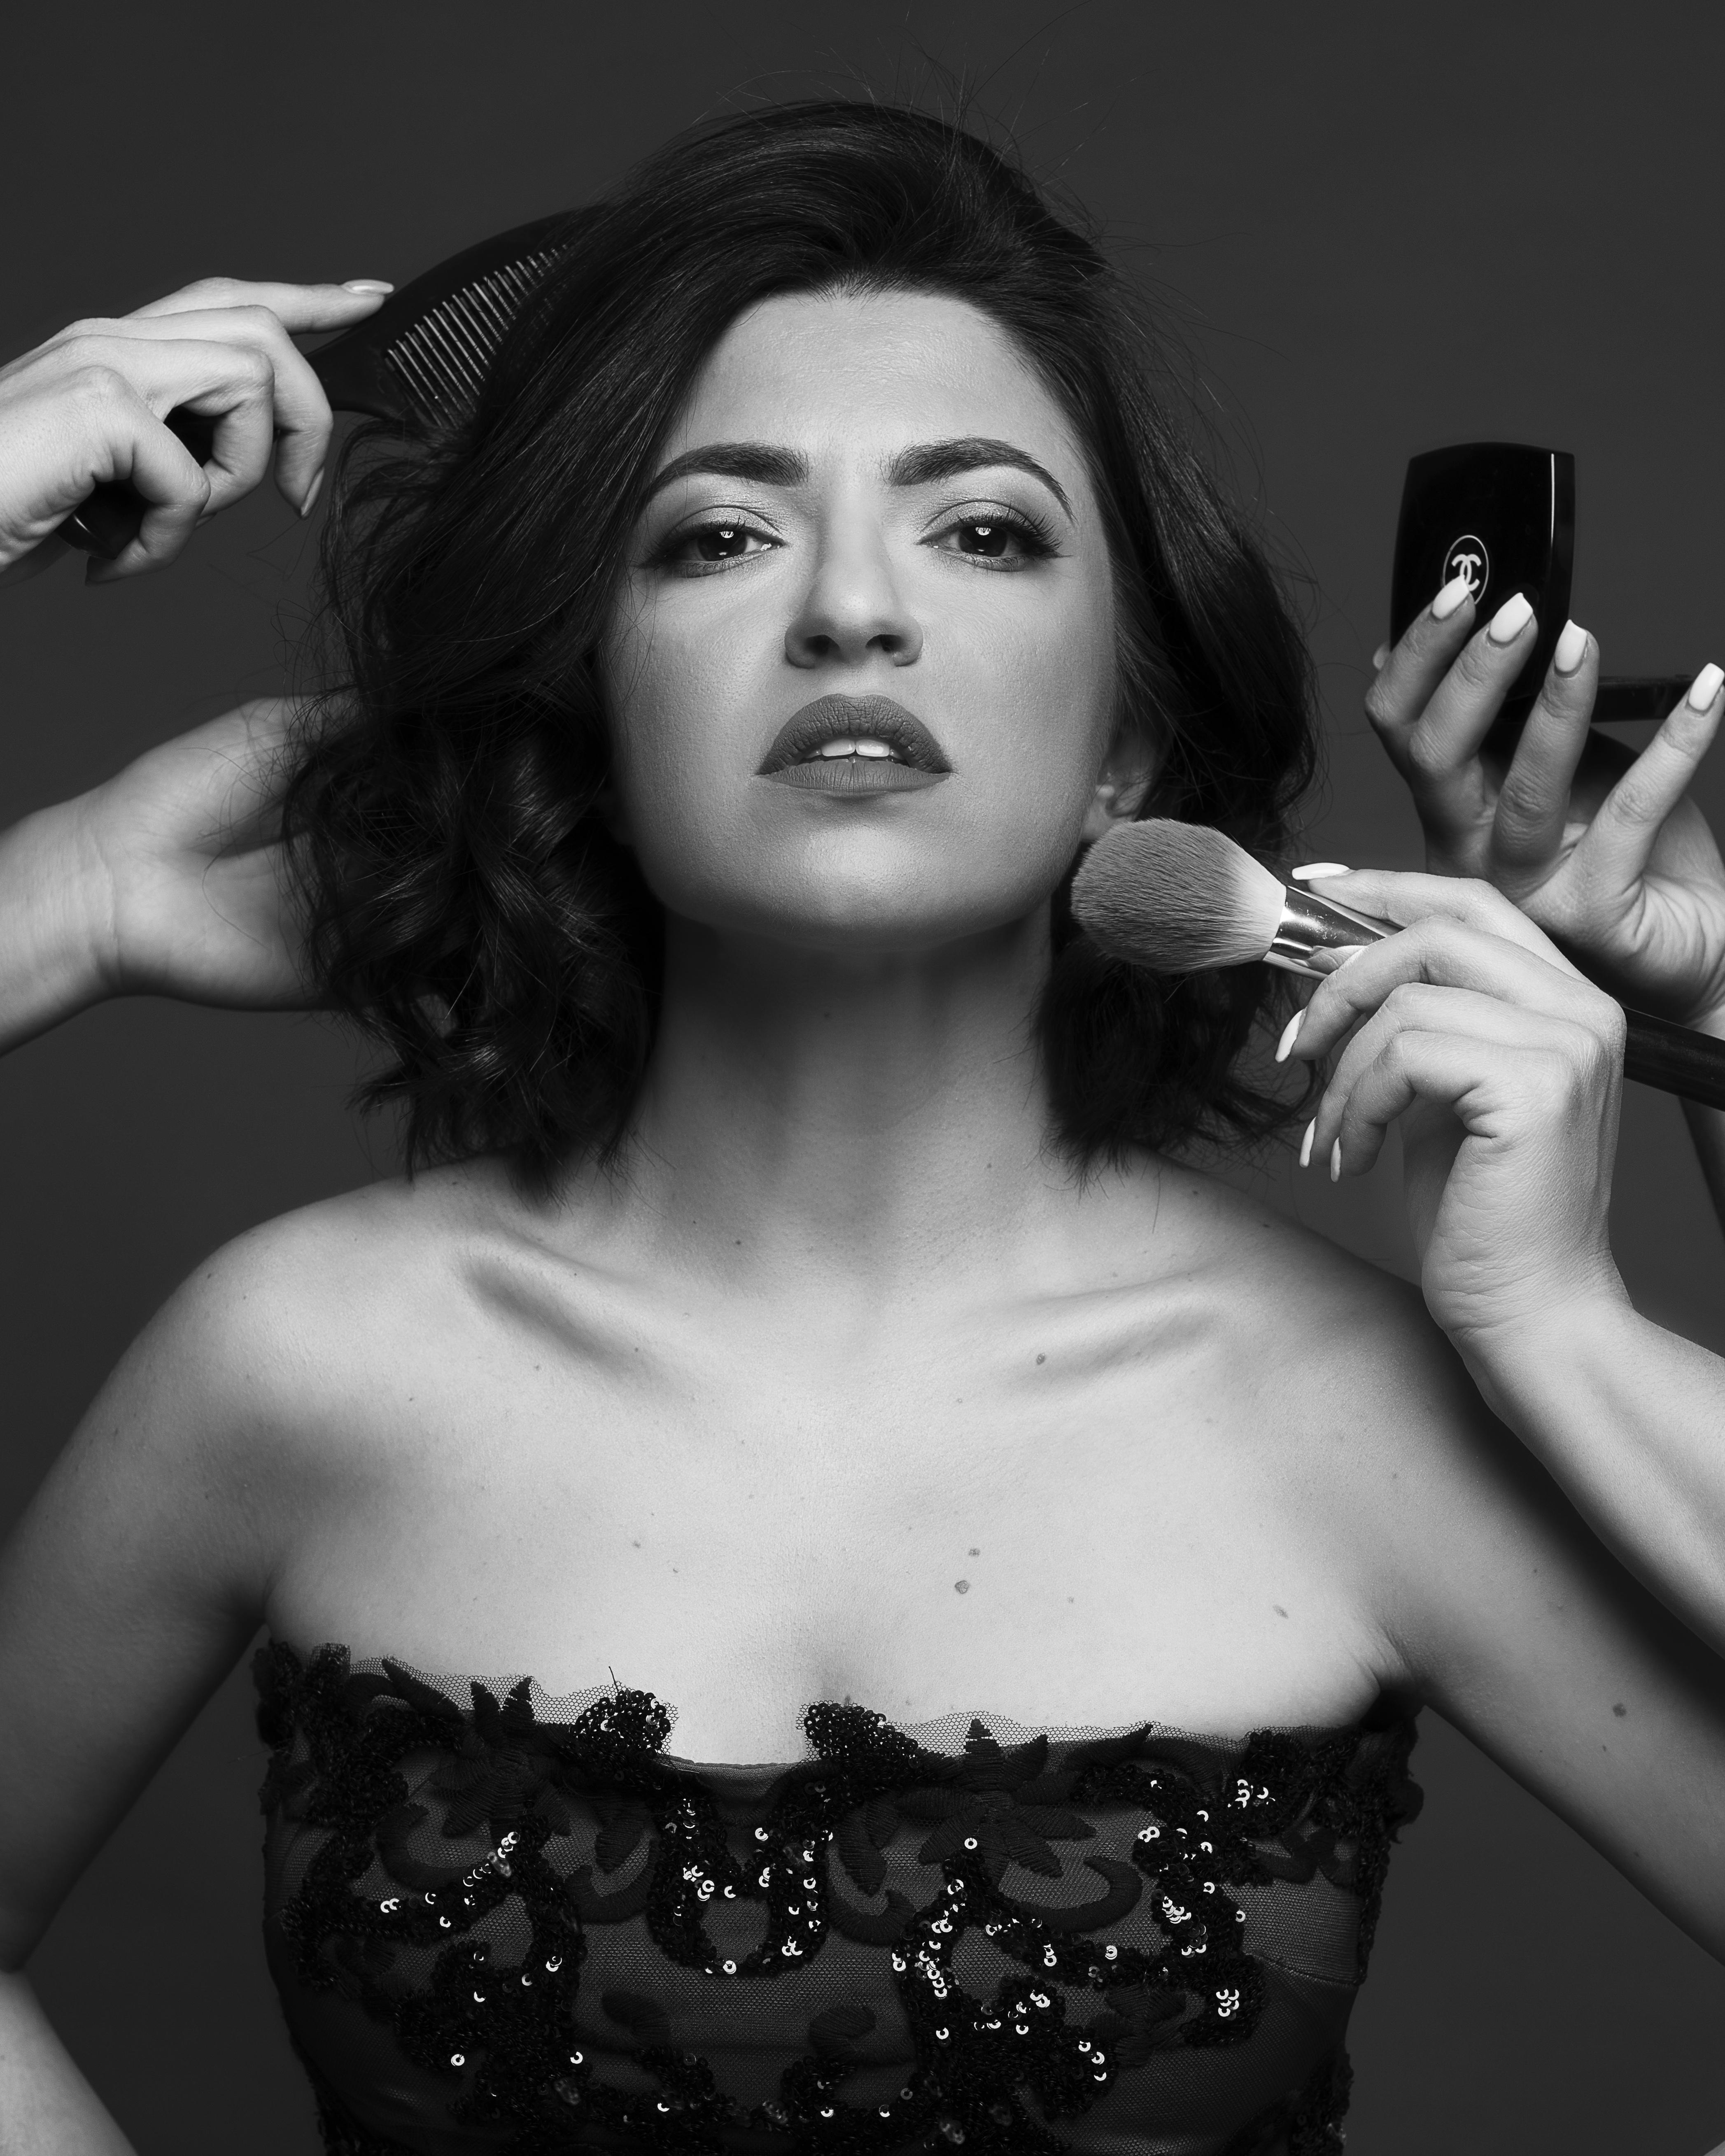 Μαργαρίτα Τσουκαρέλα: Η Λαρισαία αισθαντική μουσικός με την καριέρα στο εξωτερικό